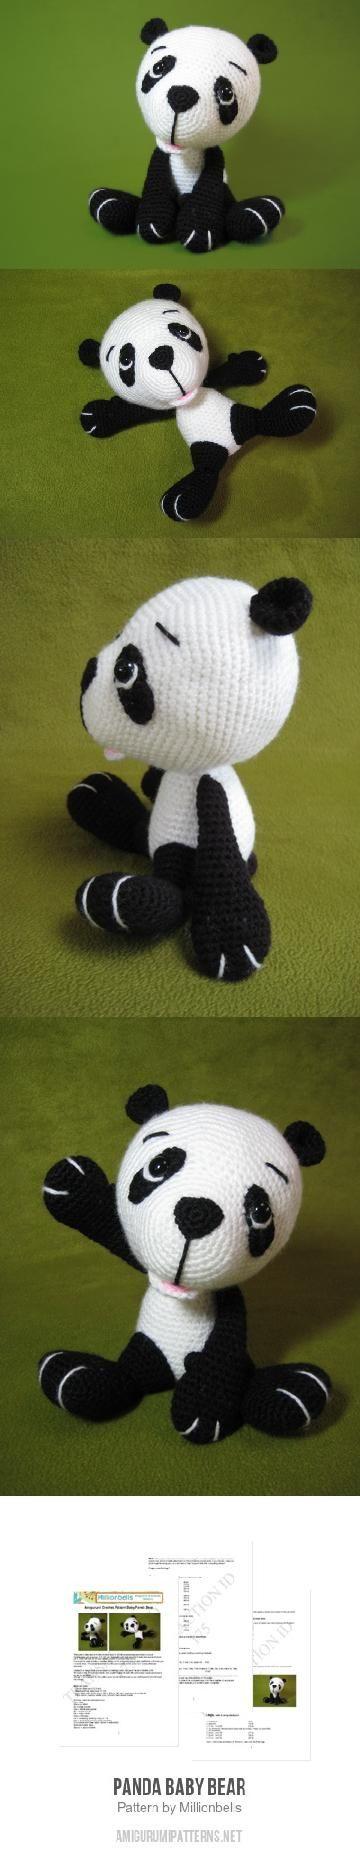 Panda Baby Bear Amigurumi Pattern